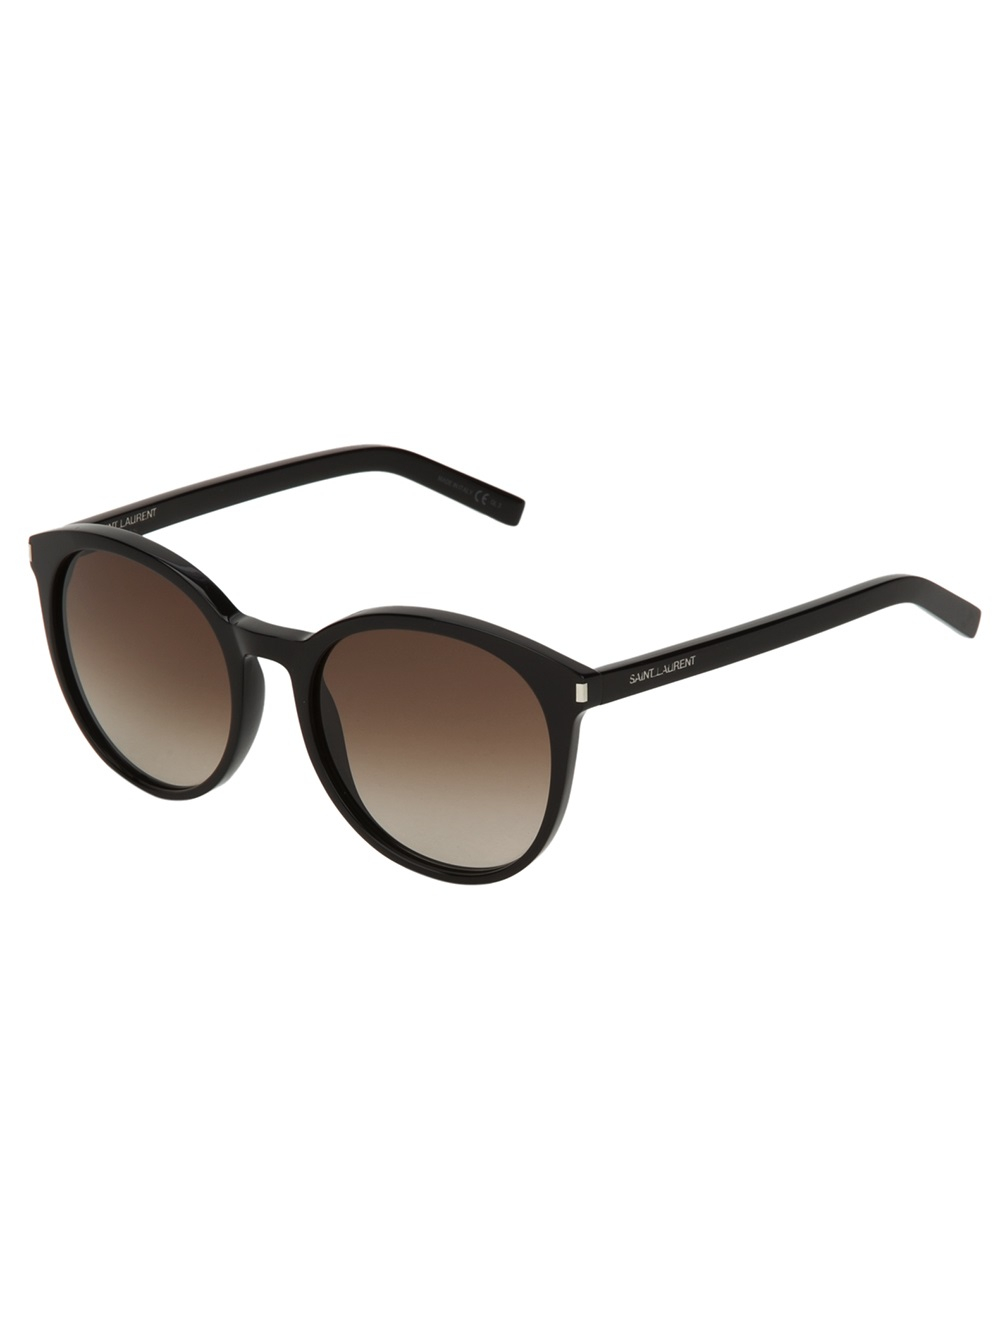 redondas gafas sol Gafas de Laurent de Saint extragrandes de de sol nPn4xt